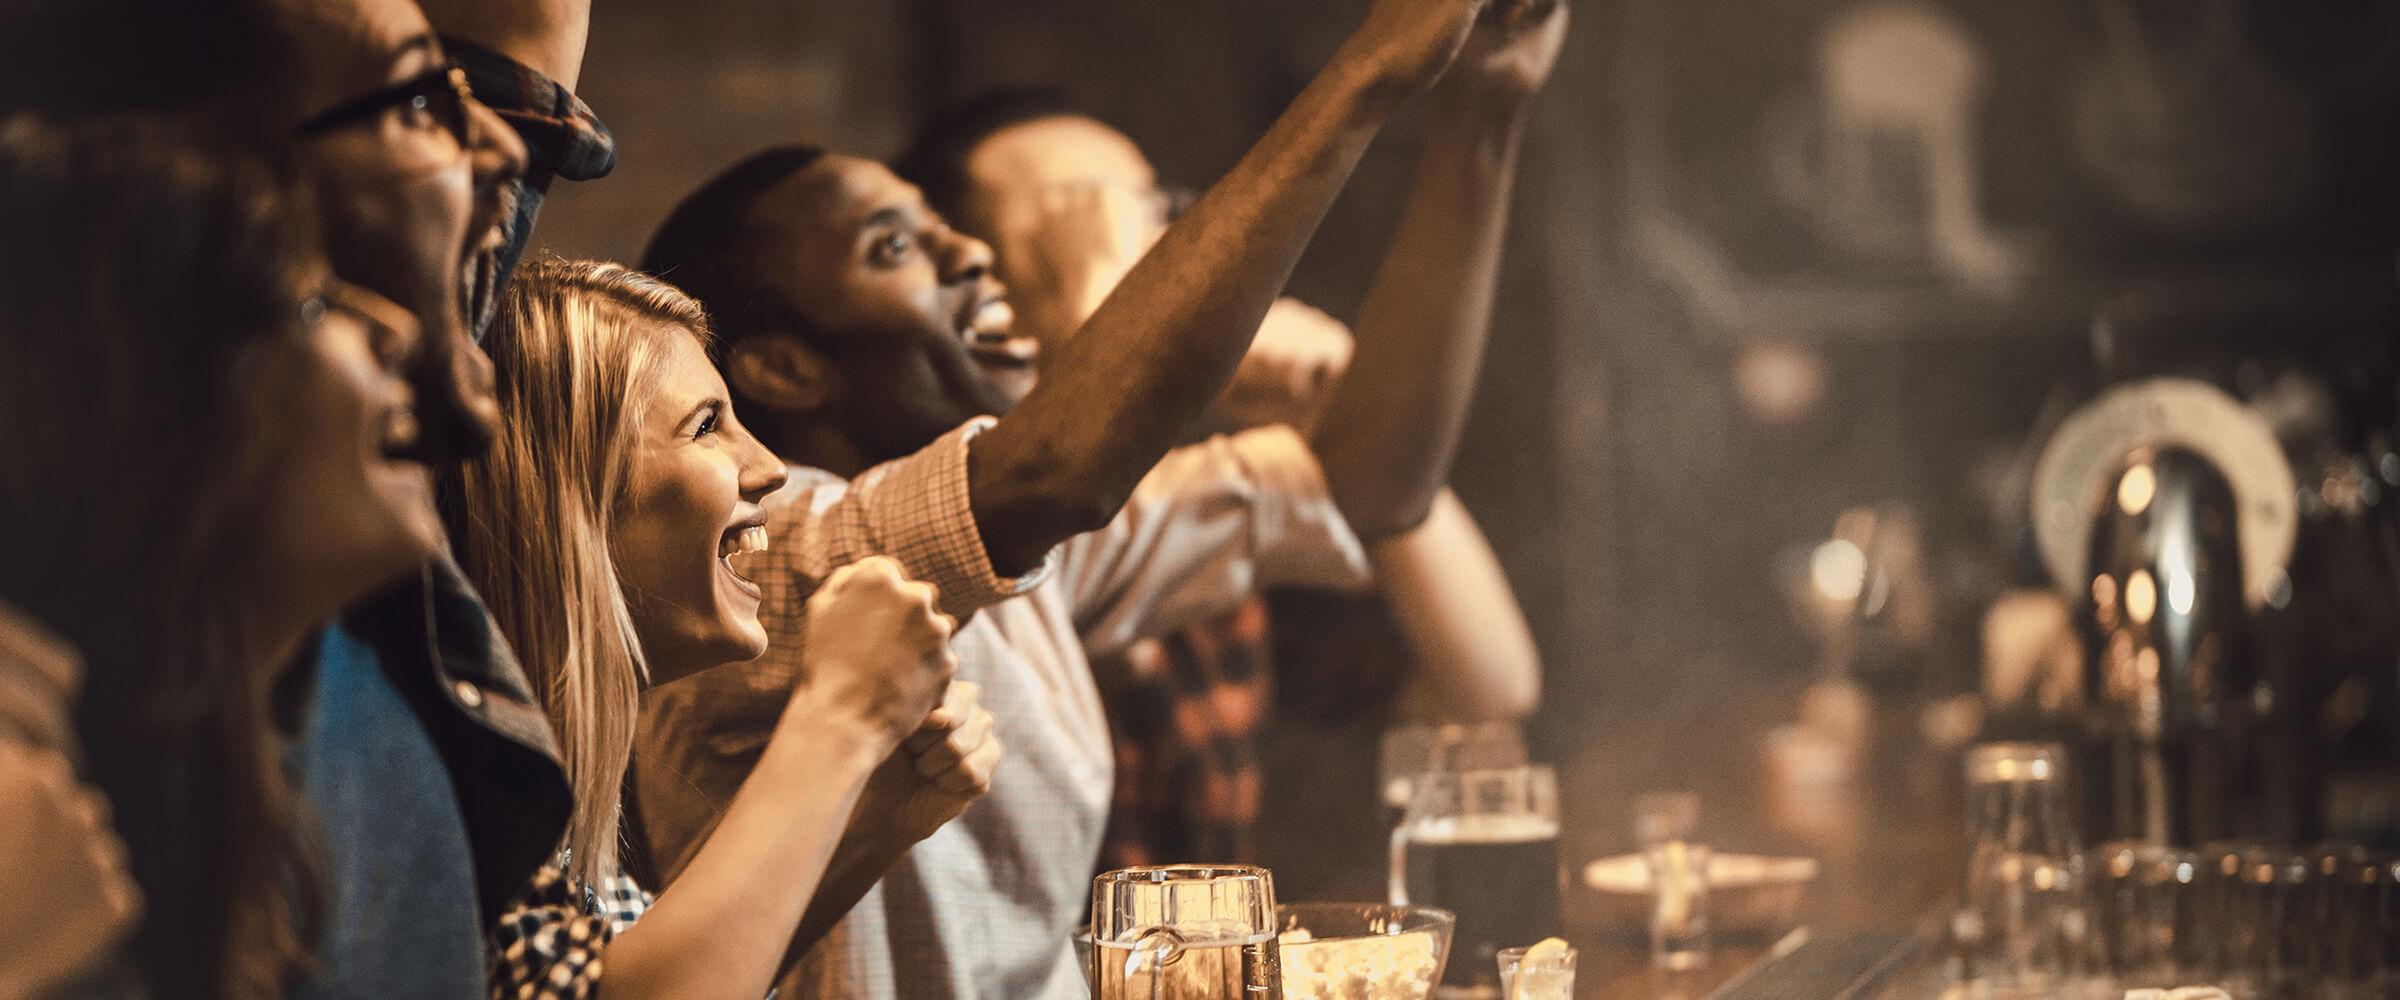 Cheering at a sports bar